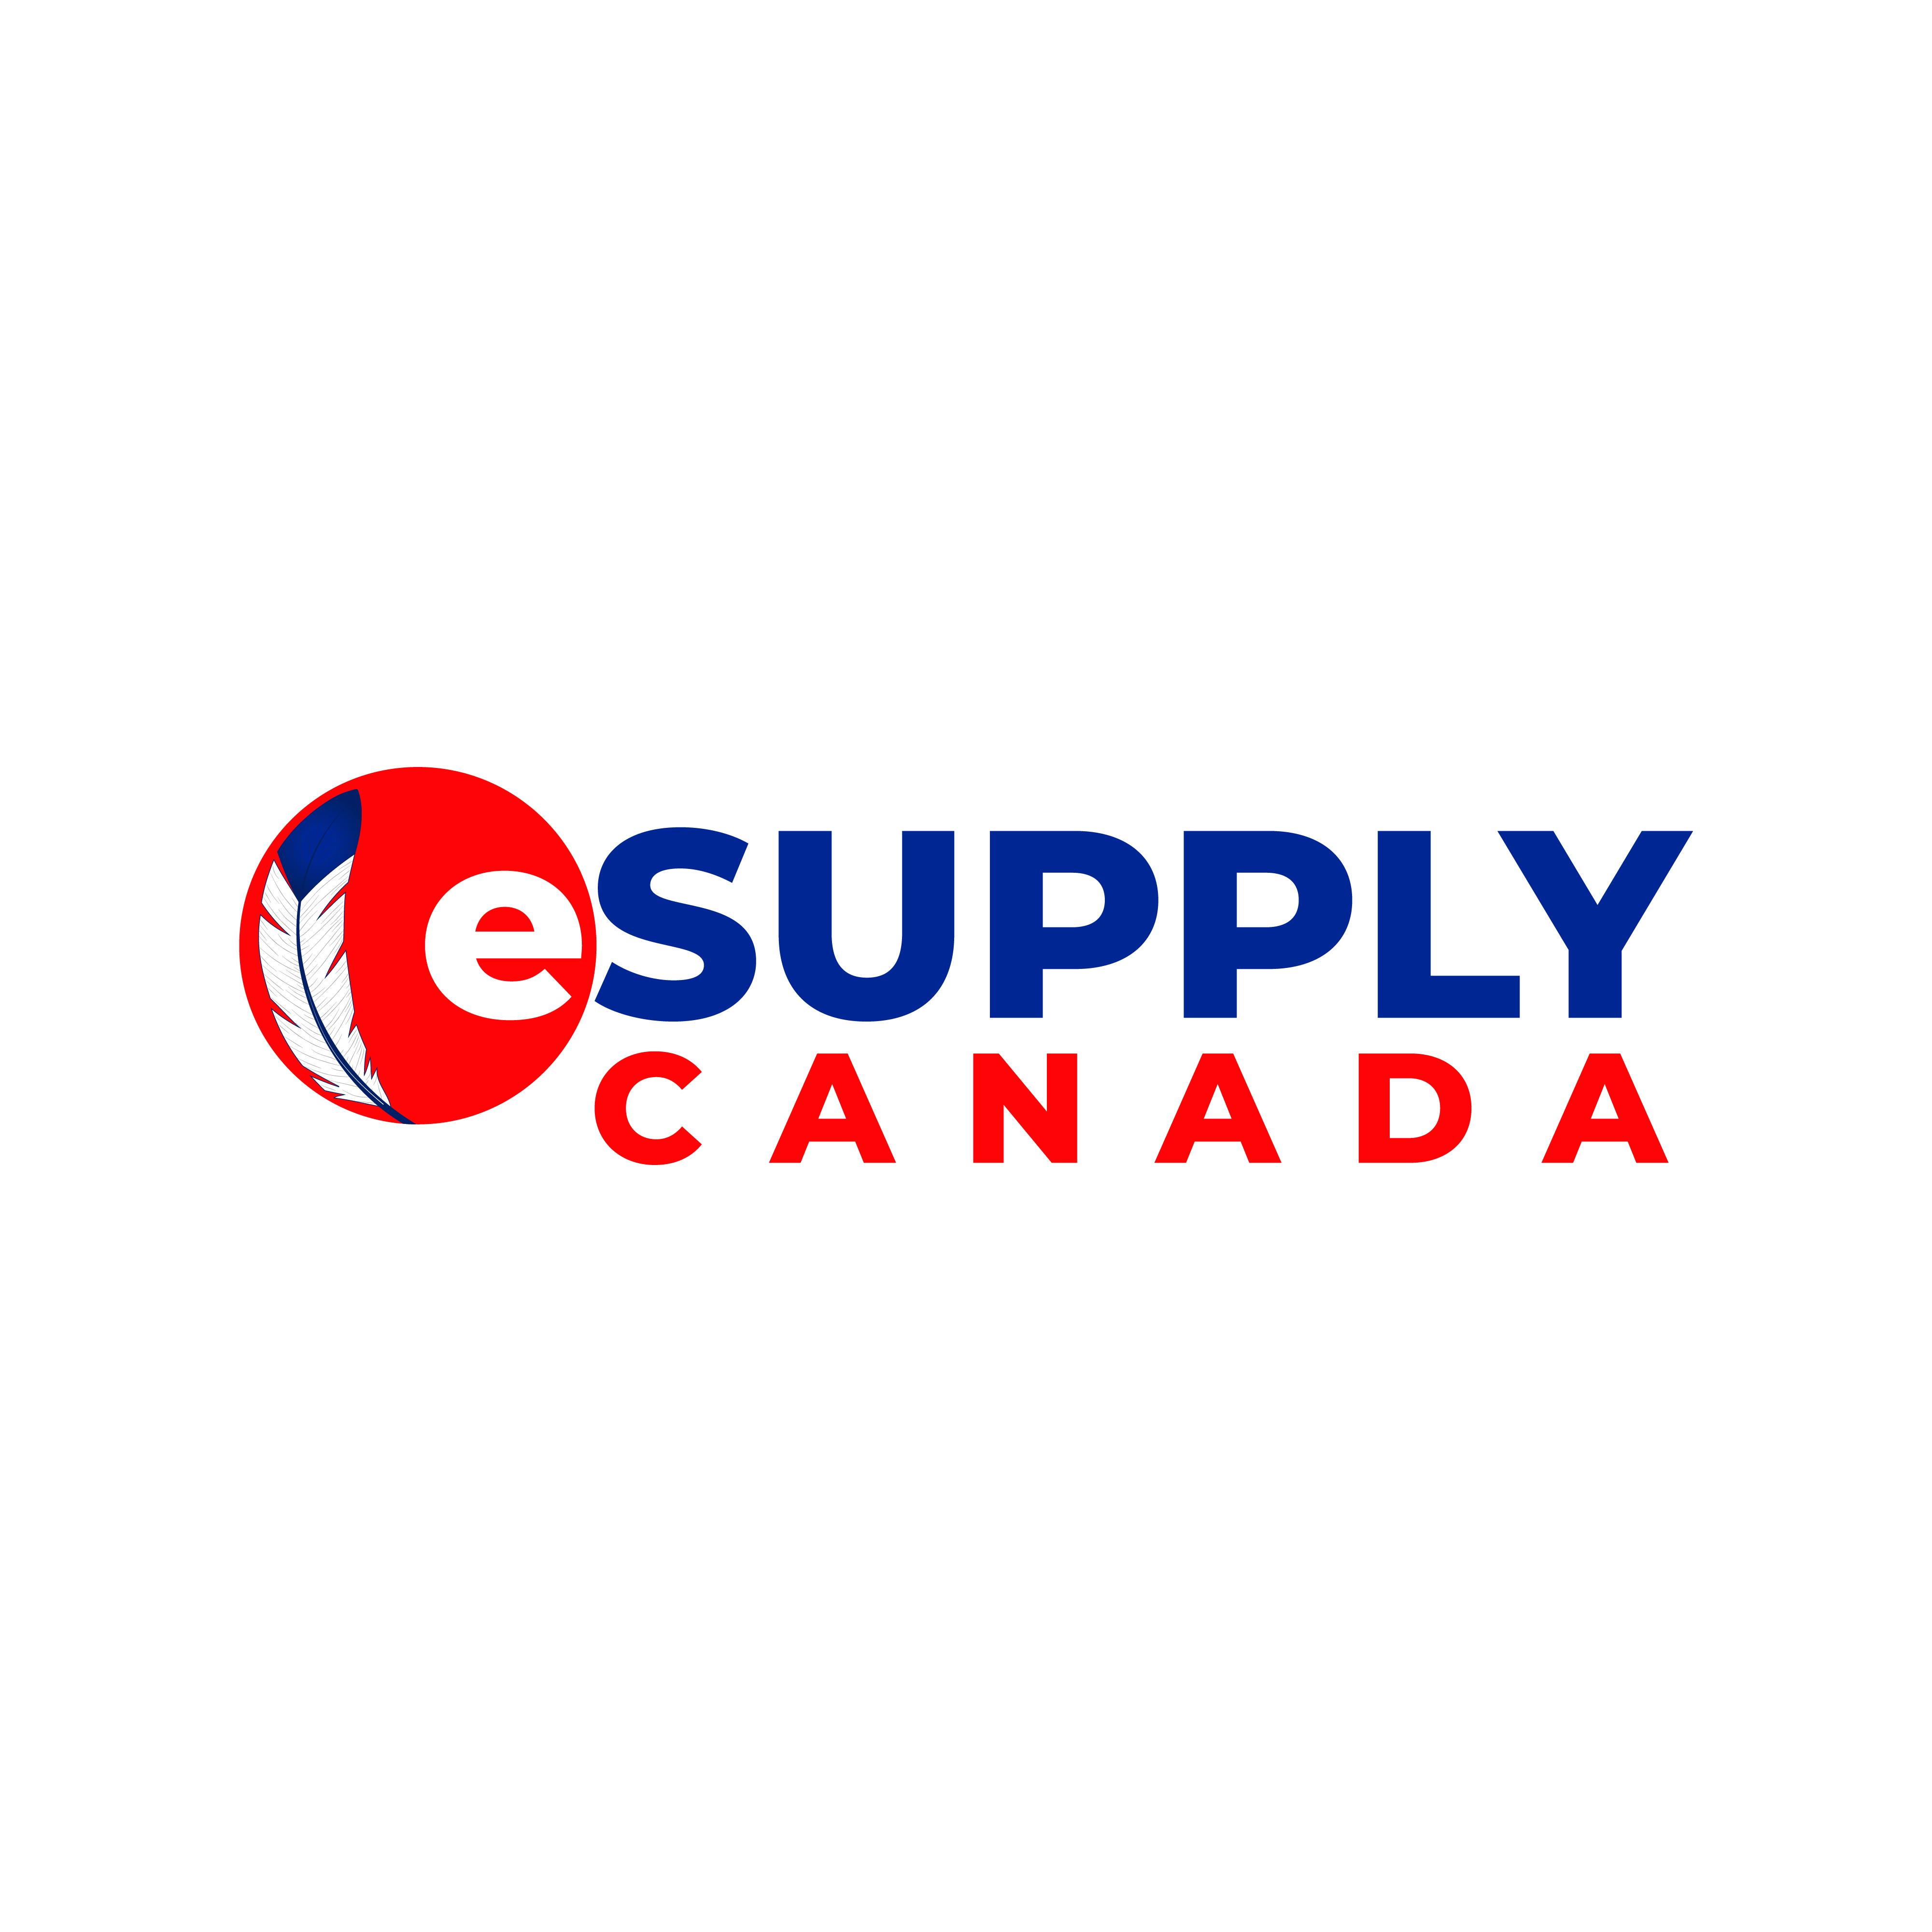 esupply_canada_jpg_logo